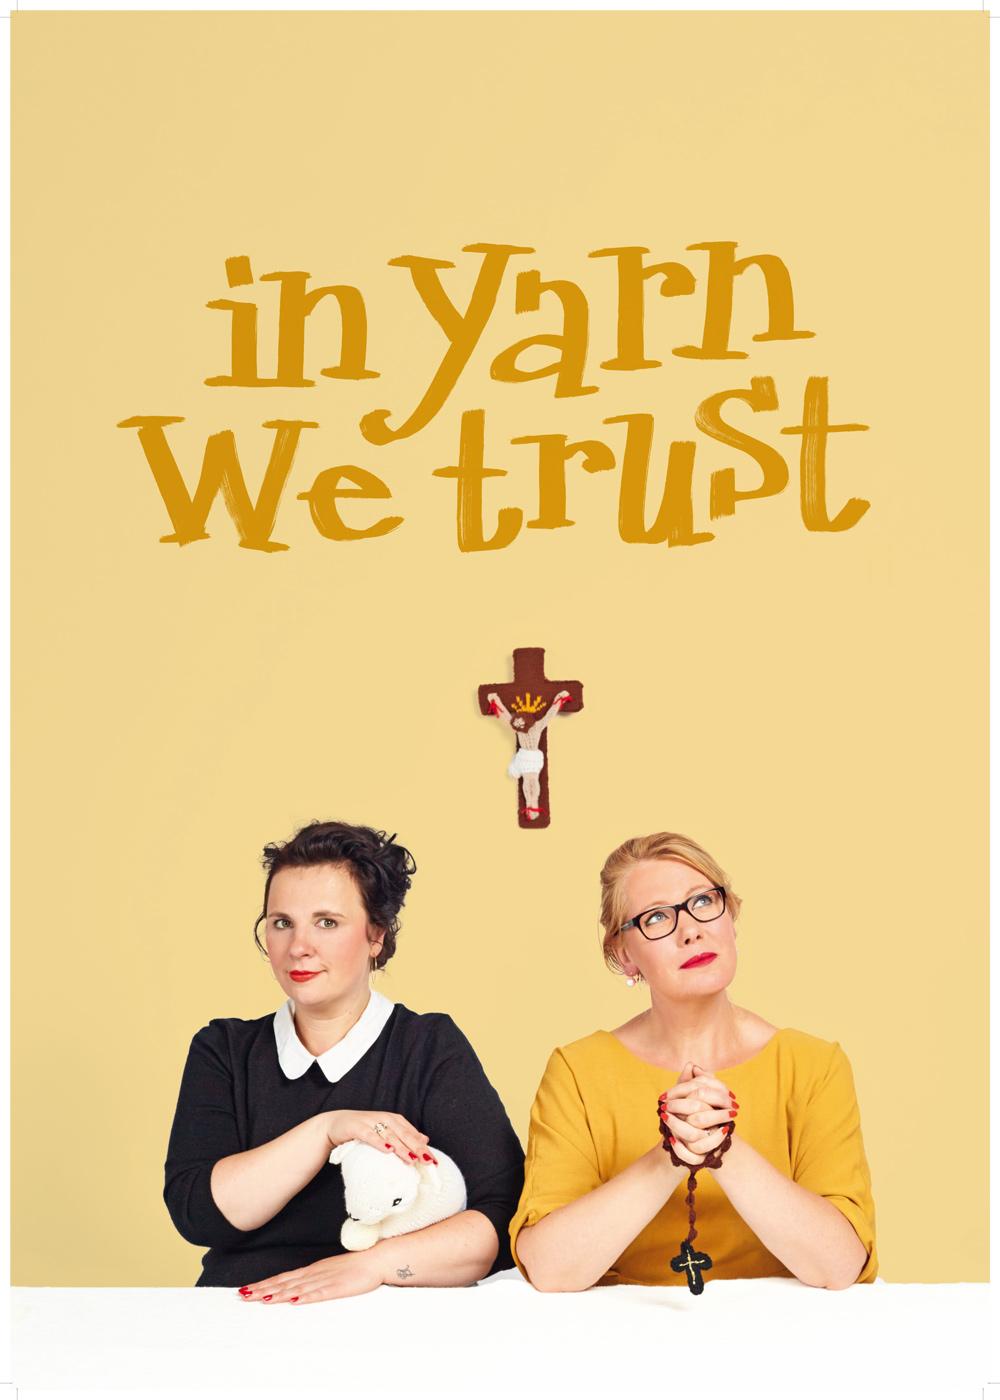 Vrij werk - In yarn we trust